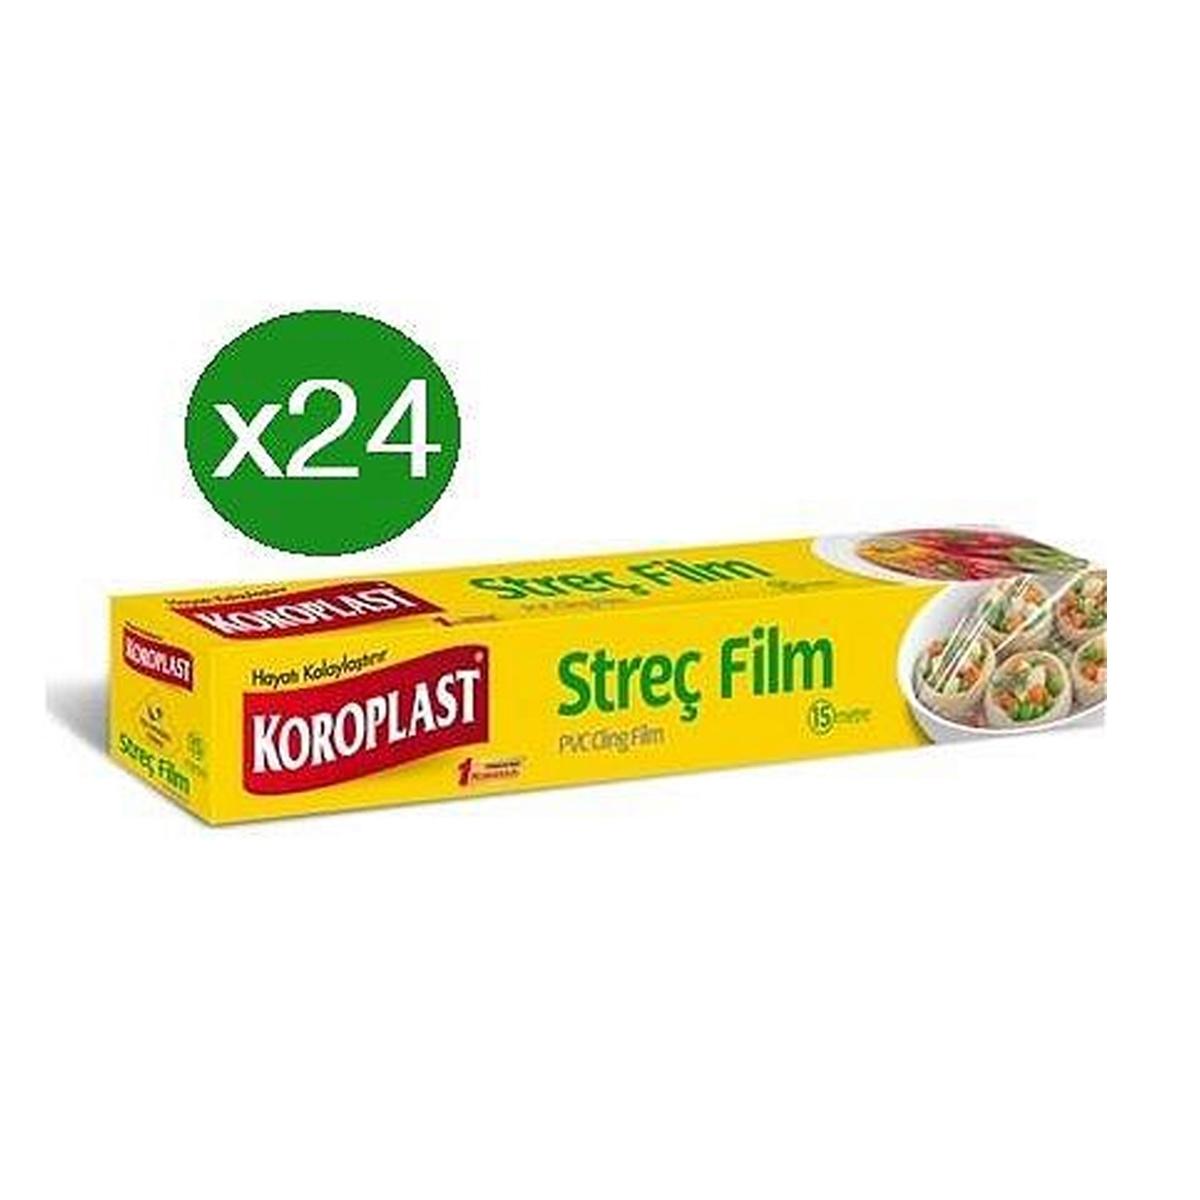 Koroplast Streç Film 30cmx100 mt ( Pratik Kesme Bıçağı Hediyeli Paket )*24 Adet resmi